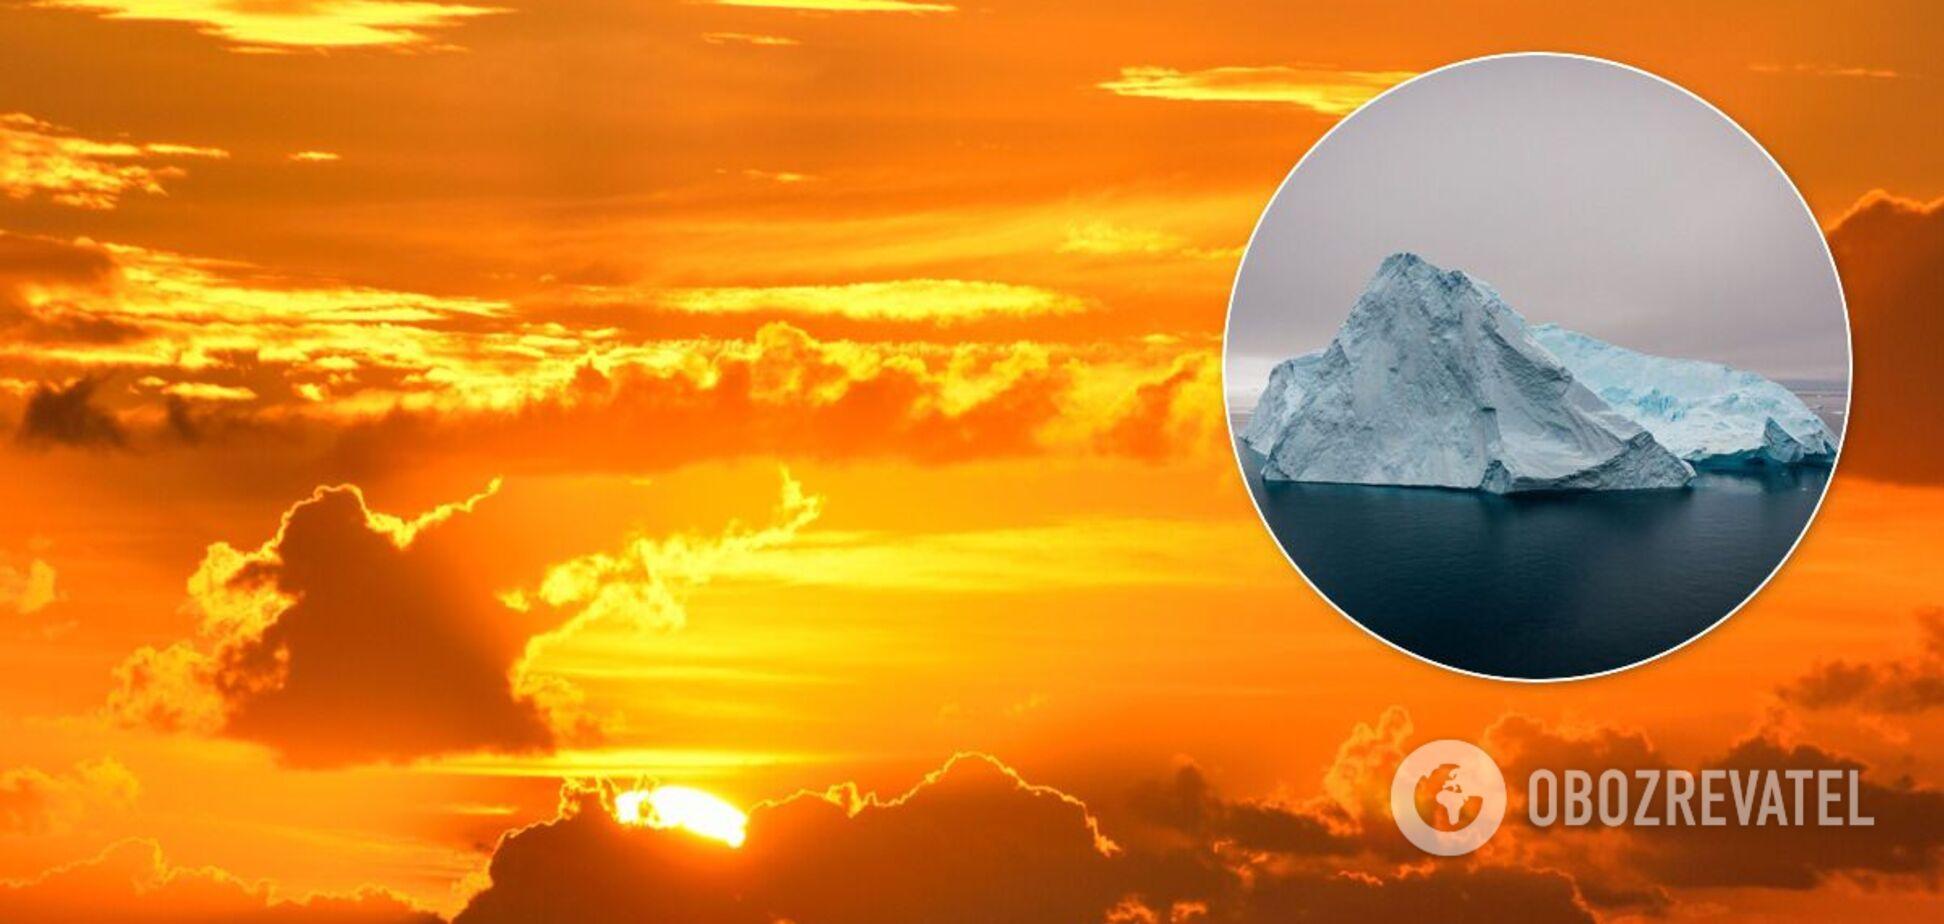 Ученые предупредили о неизбежной климатической катастрофе